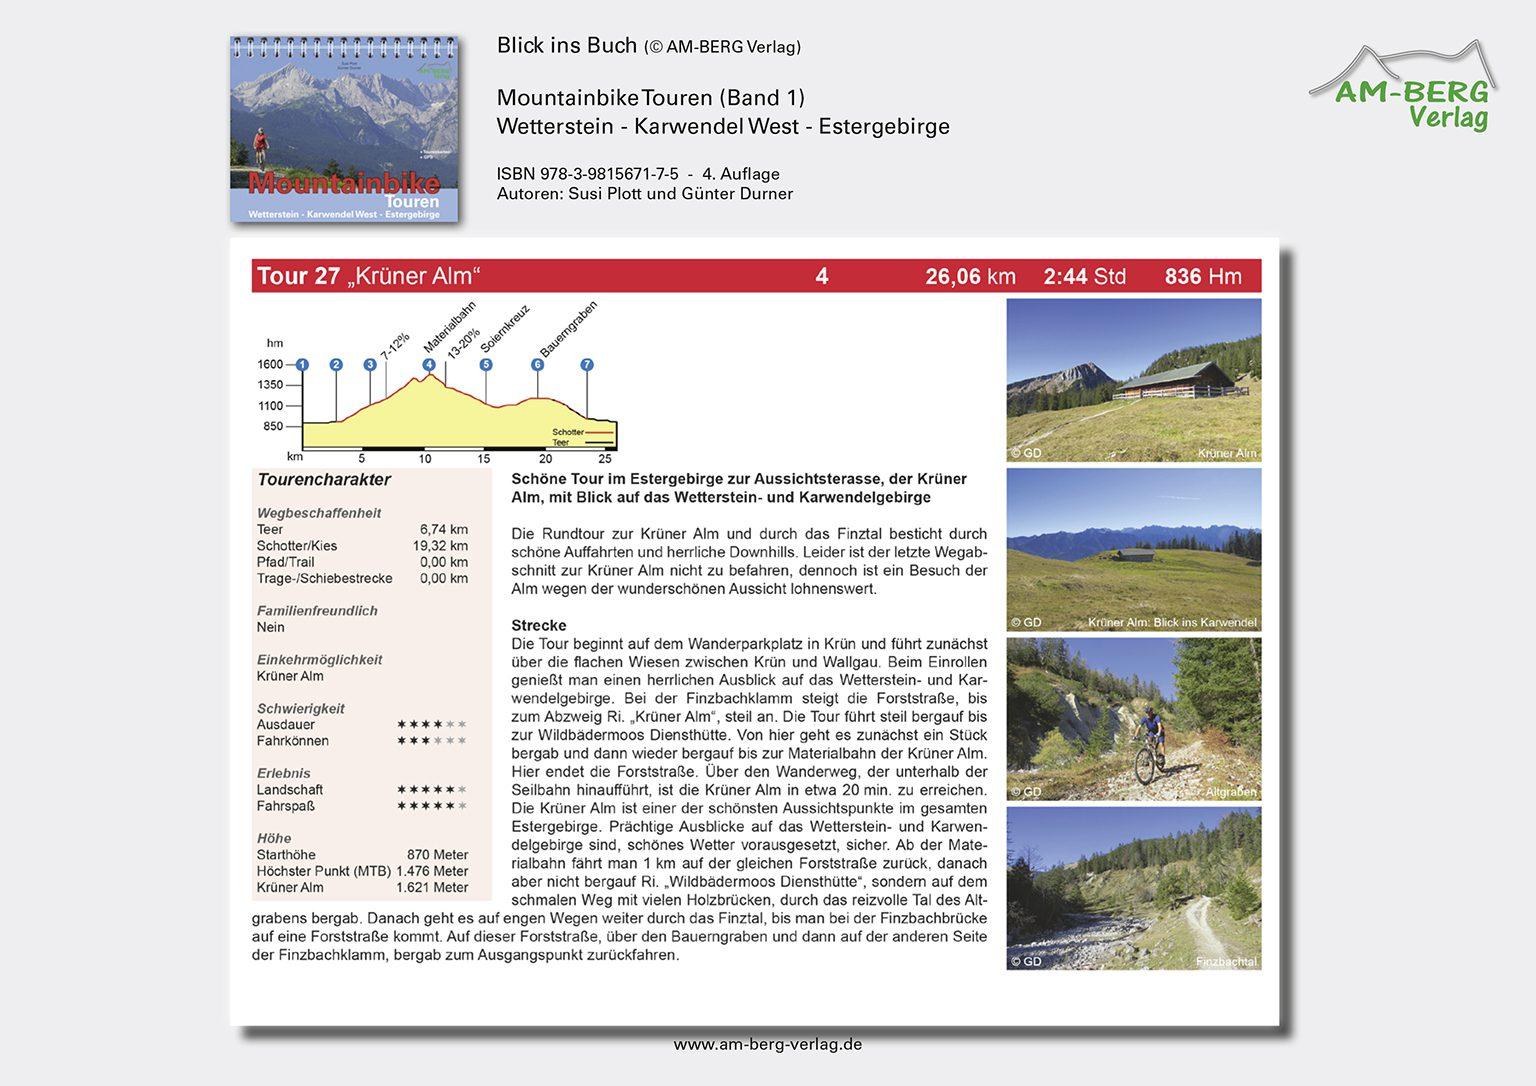 Mountainbike Touren Wetterstein-Karwendel-West-Estergebirge_band1_BlickinsBuch08_Krüner Alm